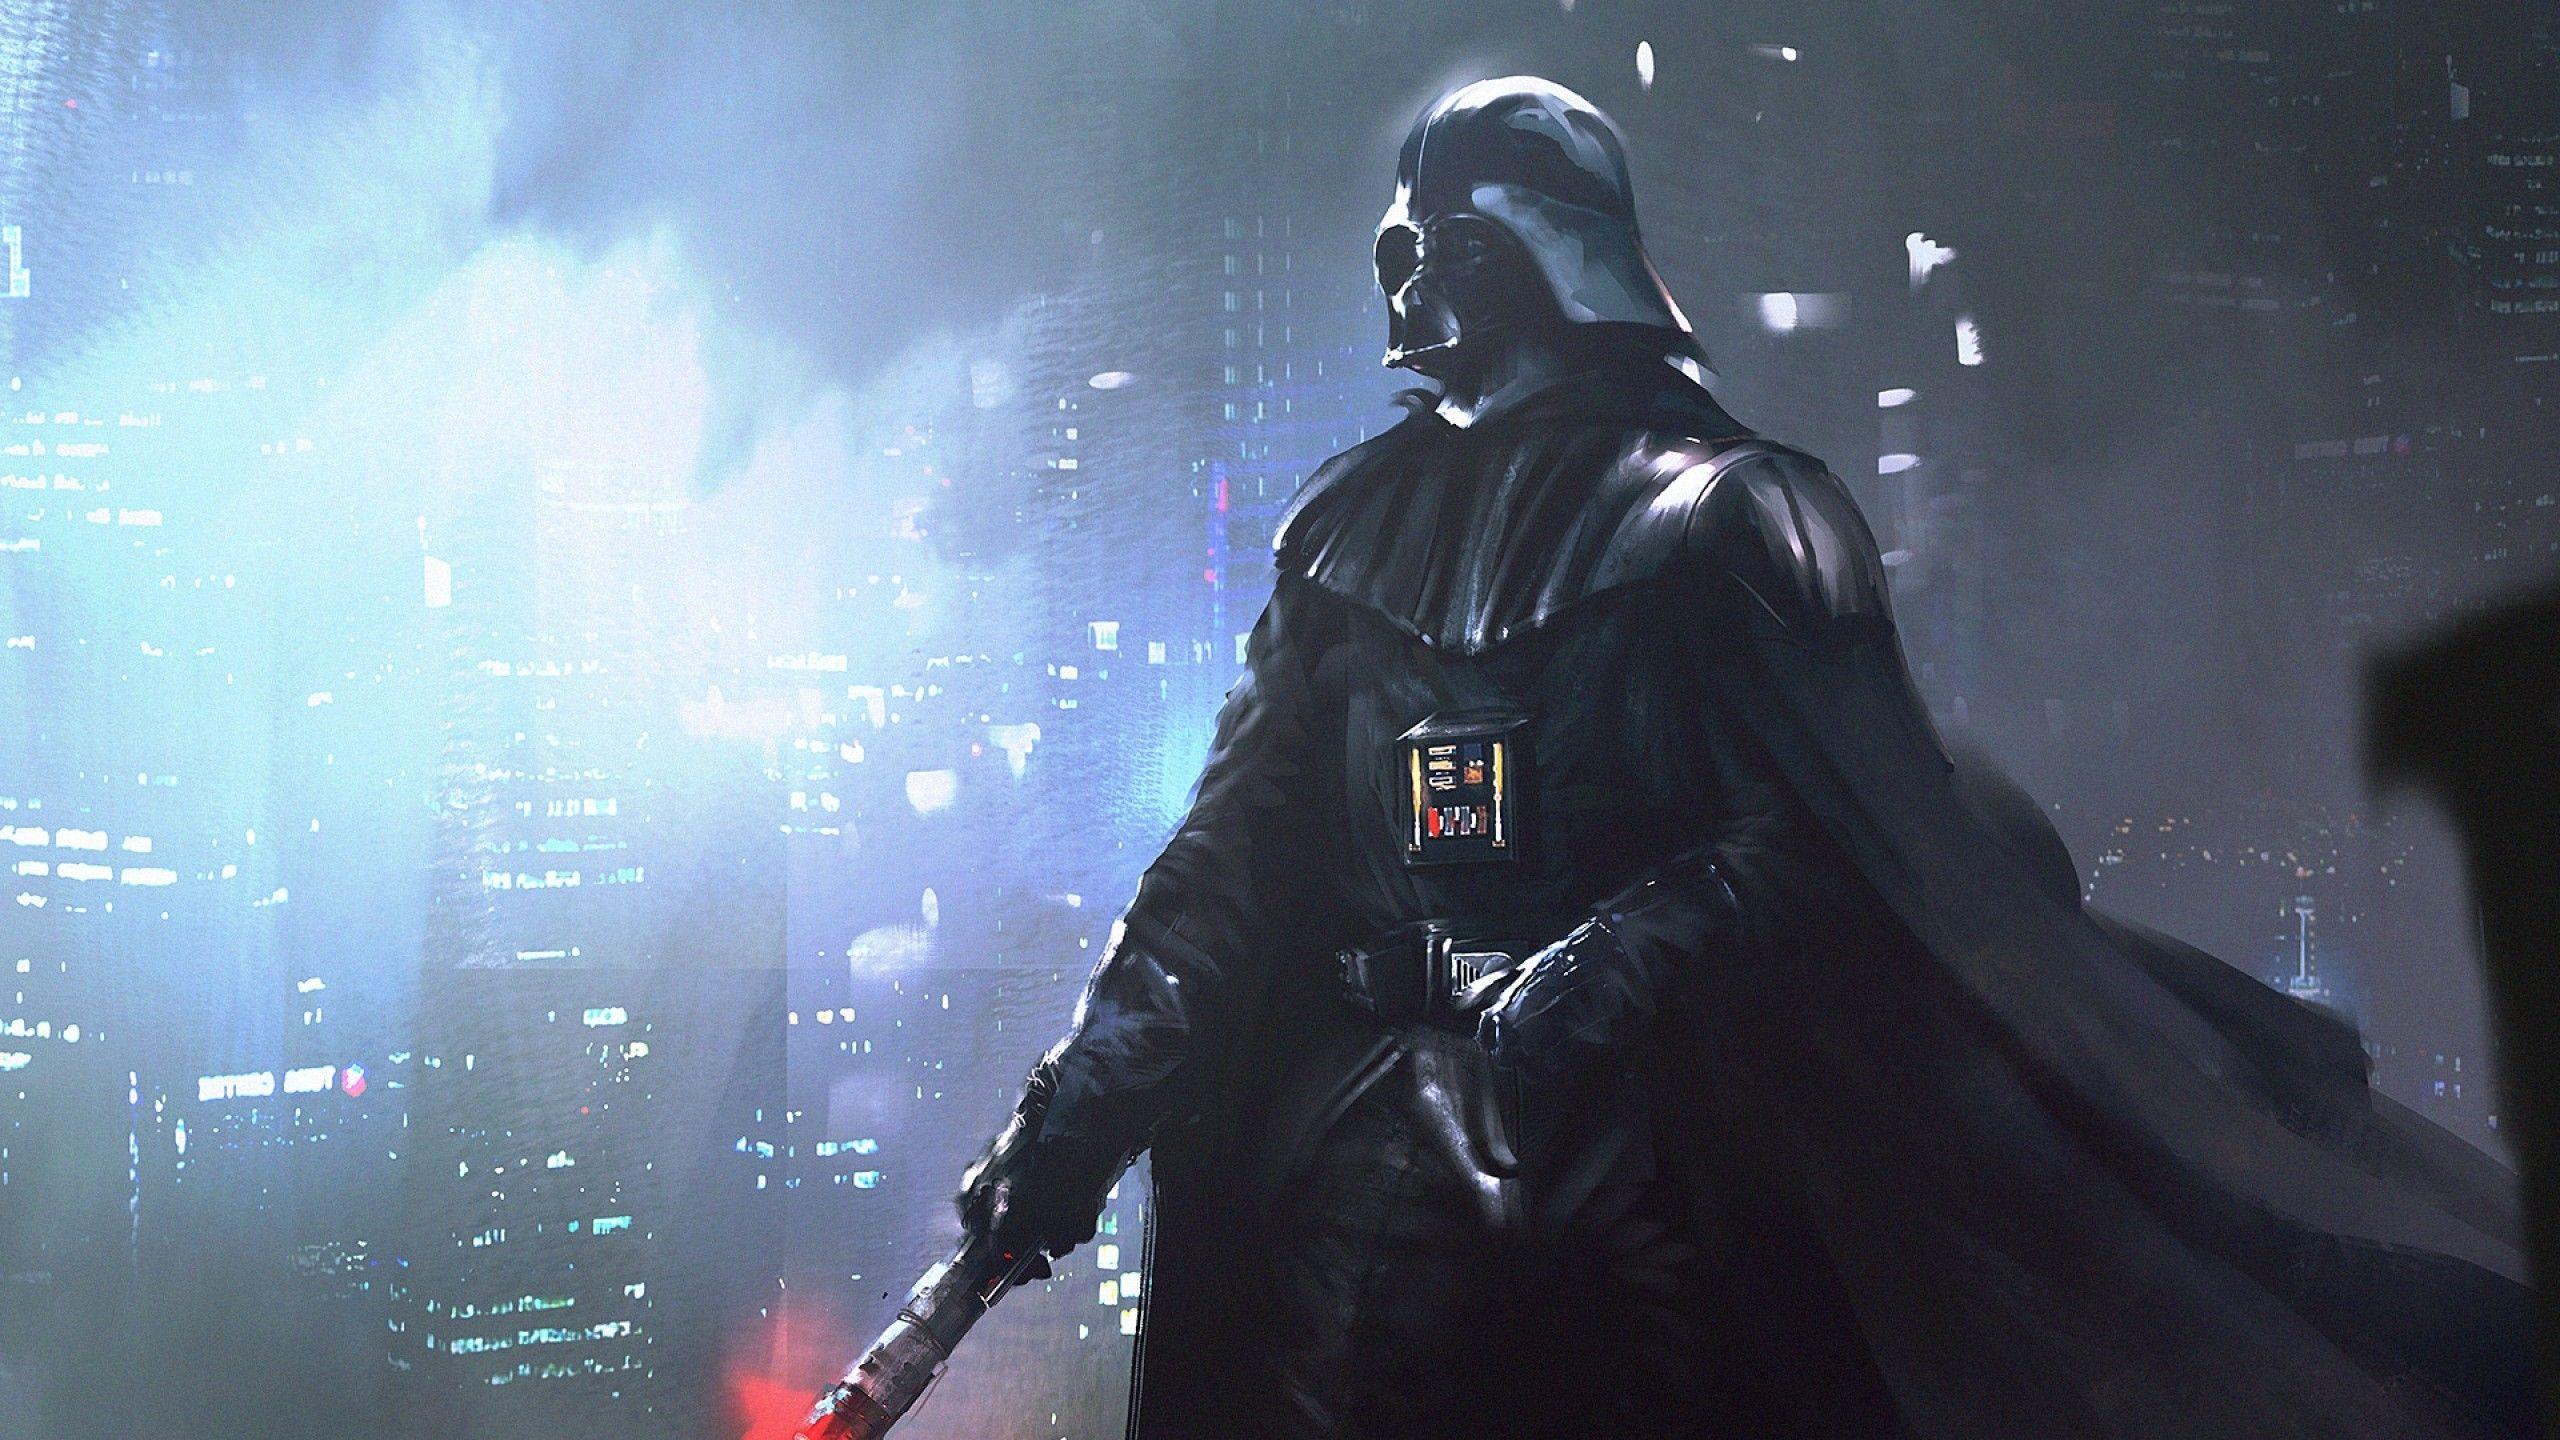 Unique Darth Vader Wallpaper 2560x1440 Di 2020